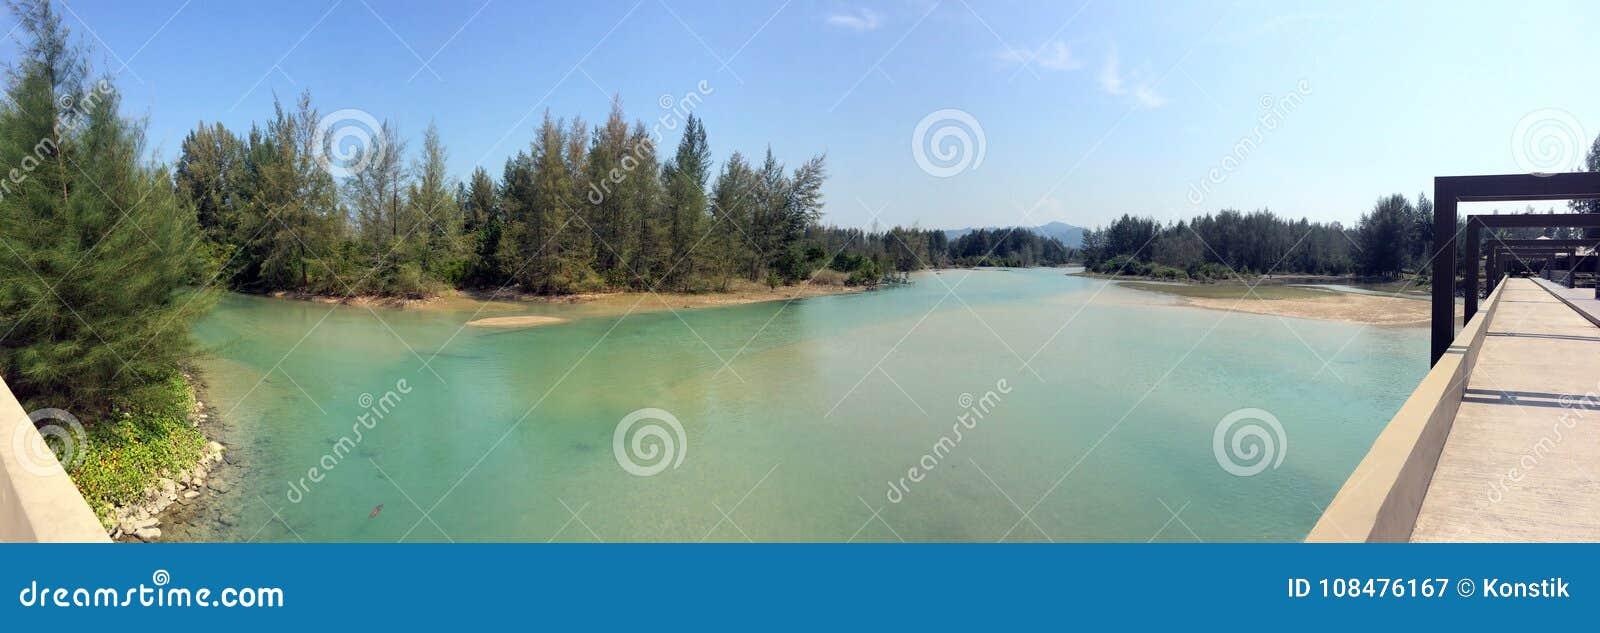 Thailand Bron över floden av floden som flödar in i havet under tillflöde och den sandiga stranden med barrträd